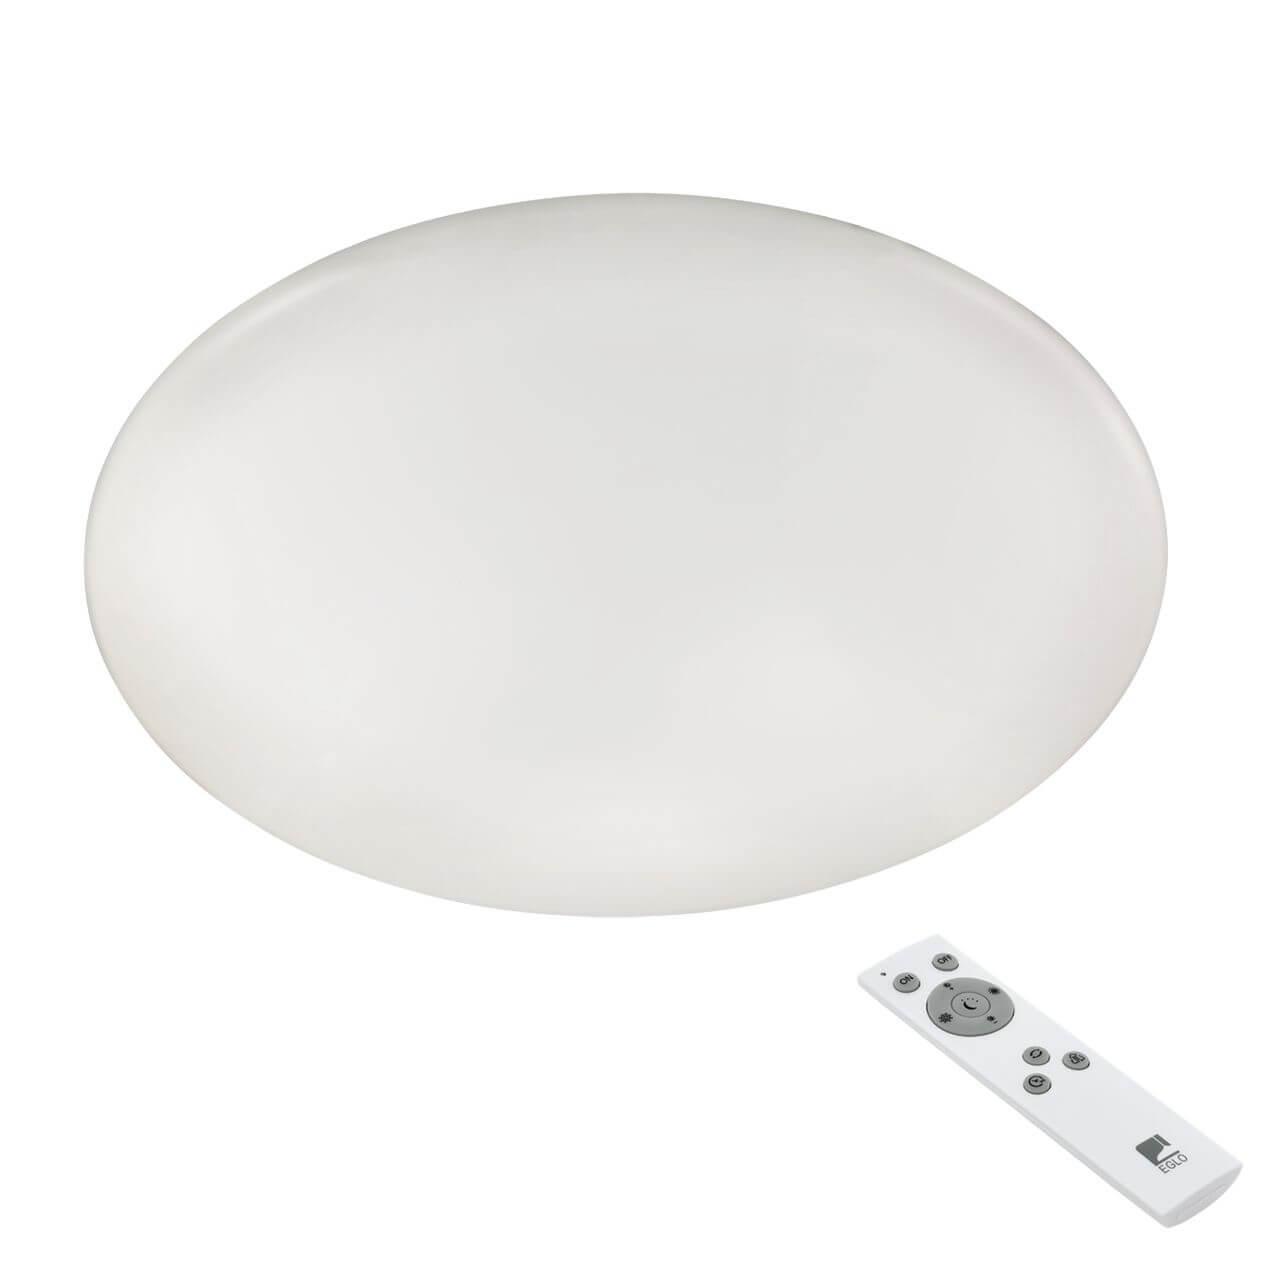 Накладной светильник Eglo 97526, LED, 40 Вт потолочный светодиодный светильник eglo giron c 32589